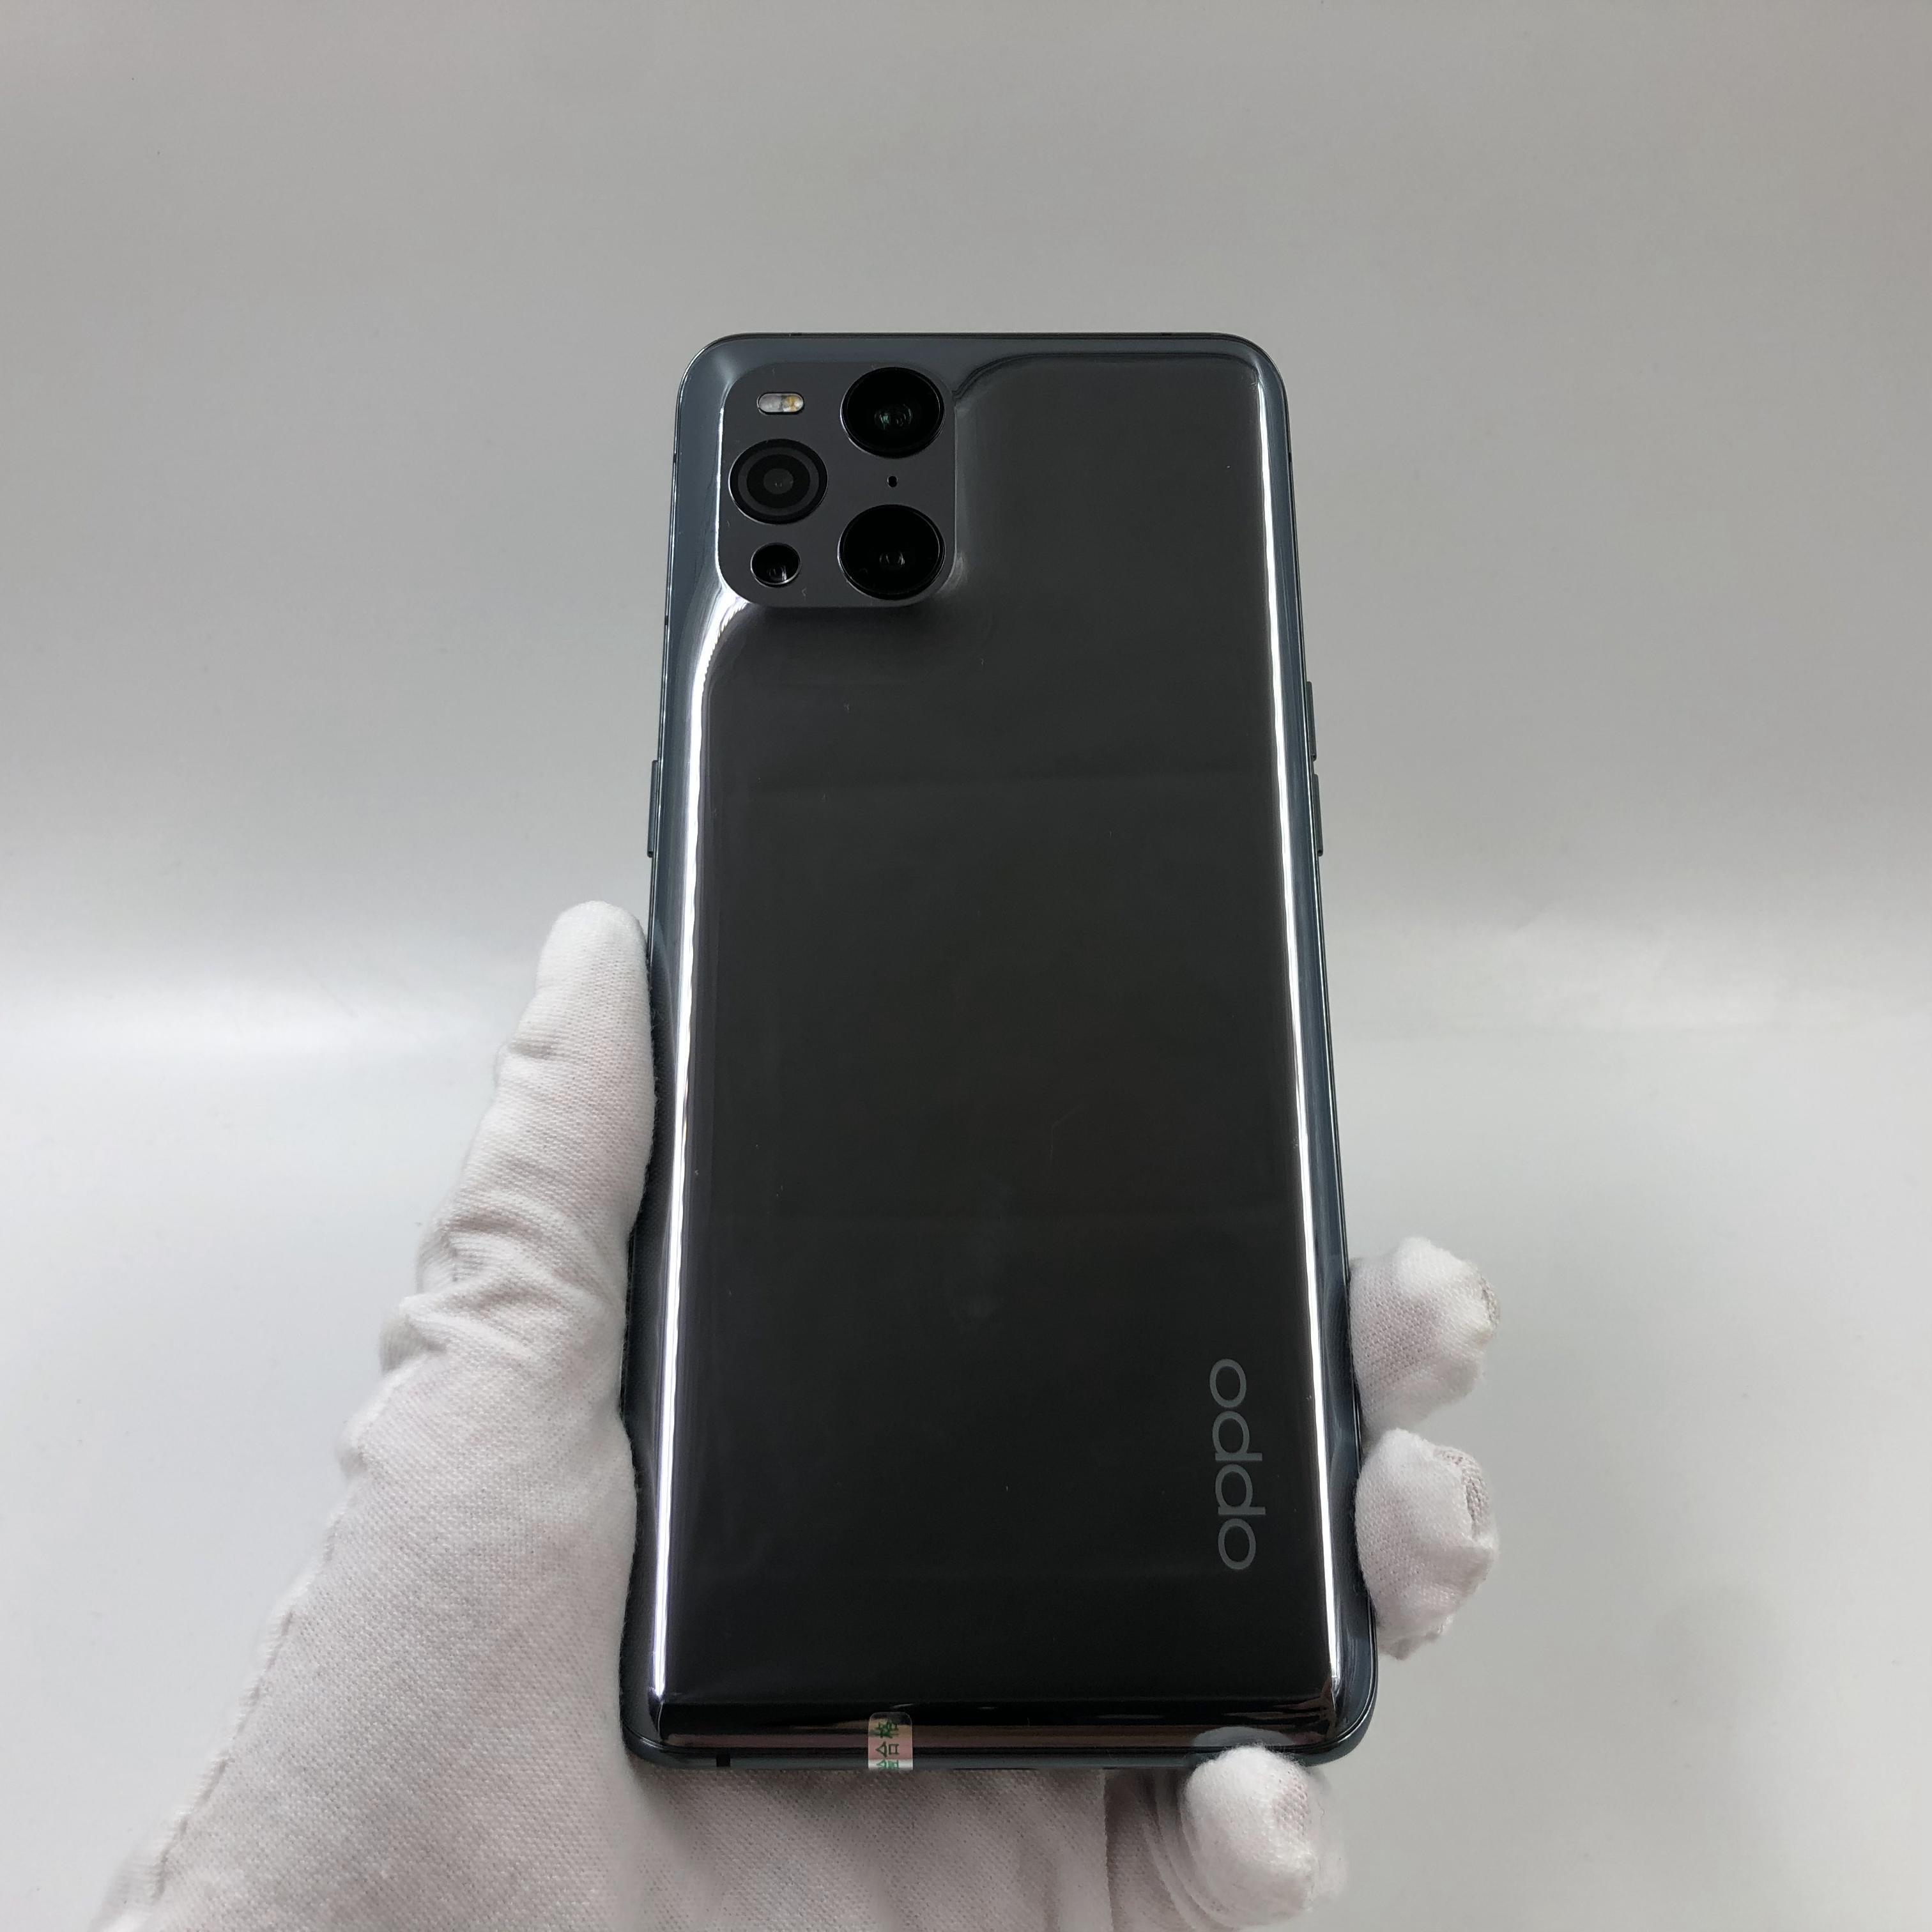 oppo【Find X3 Pro 5G】5G全网通 镜黑 12G/256G 国行 95新 真机实拍